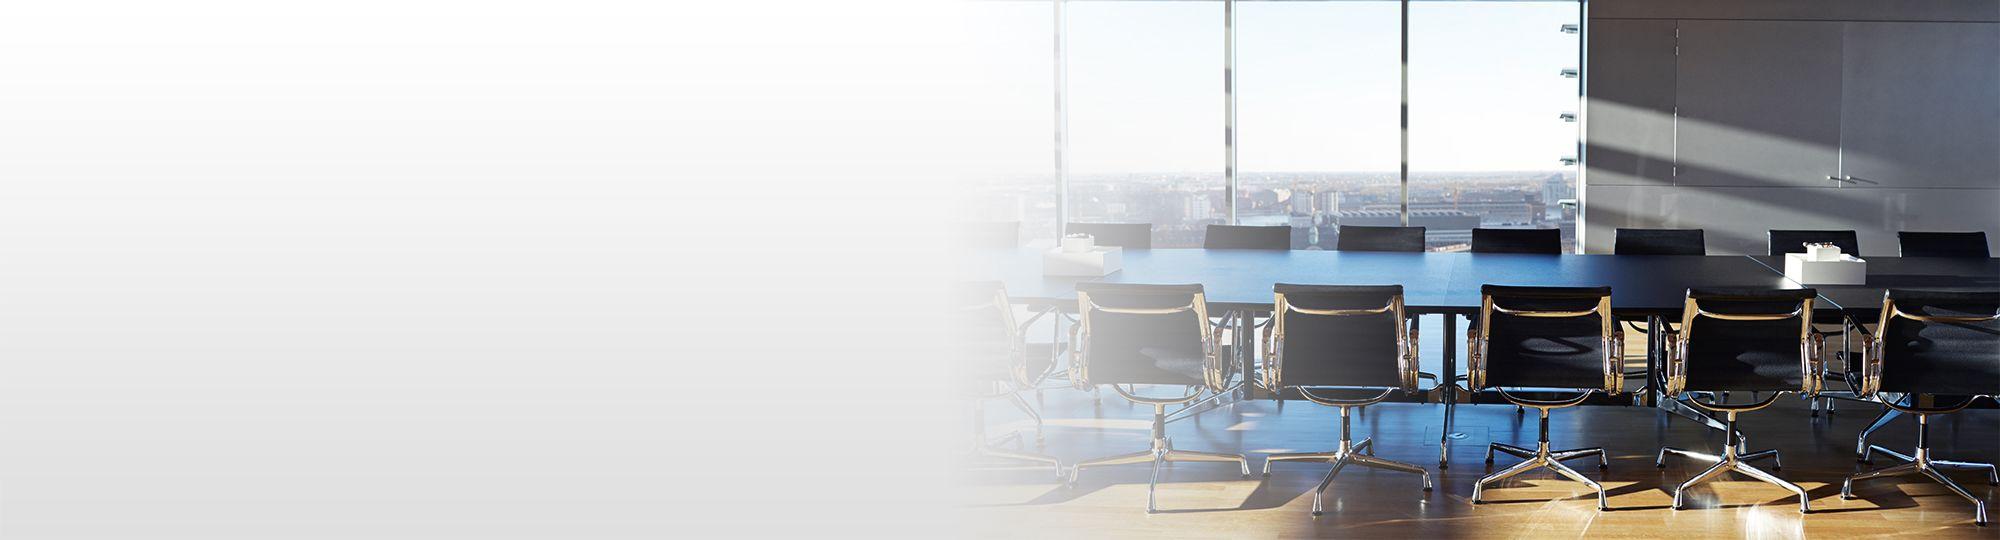 Die richtigen Funktionen zum effektiven und effizienten Abhalten von Konferenzen